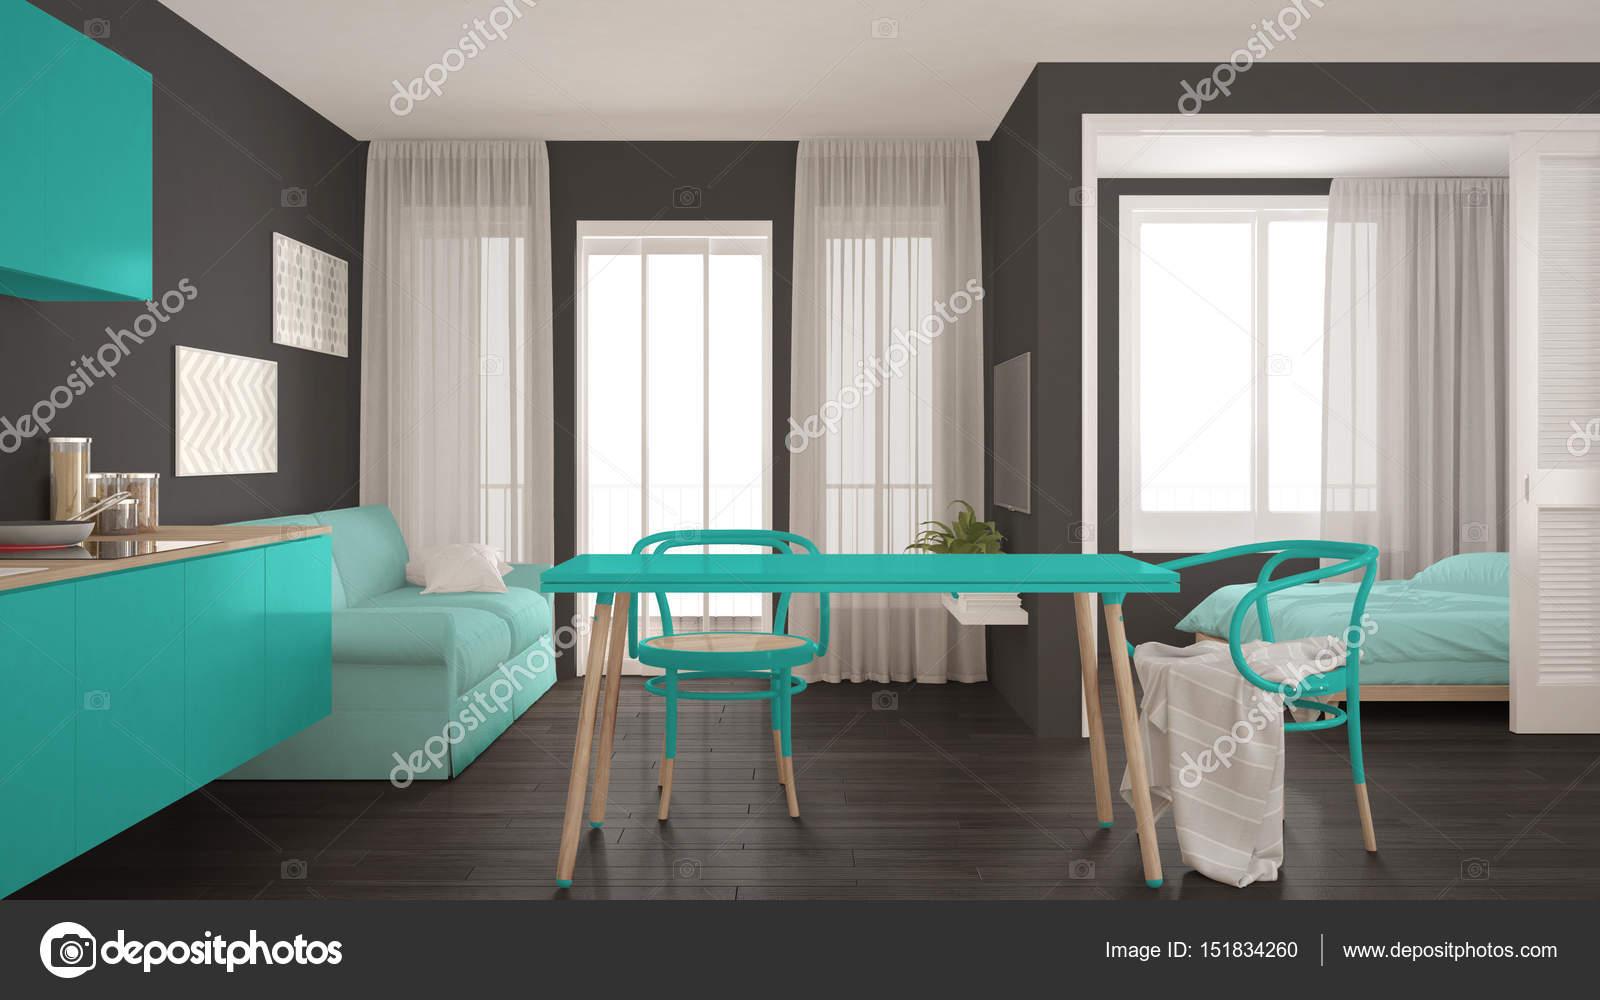 Moderne Minimal Küche Und Wohnzimmer Mit Schlafzimmer Im Hintergrund,  Kleine Wohnung, Grau Und Türkis Innenarchitektur U2014 Foto Von ArchiVIz